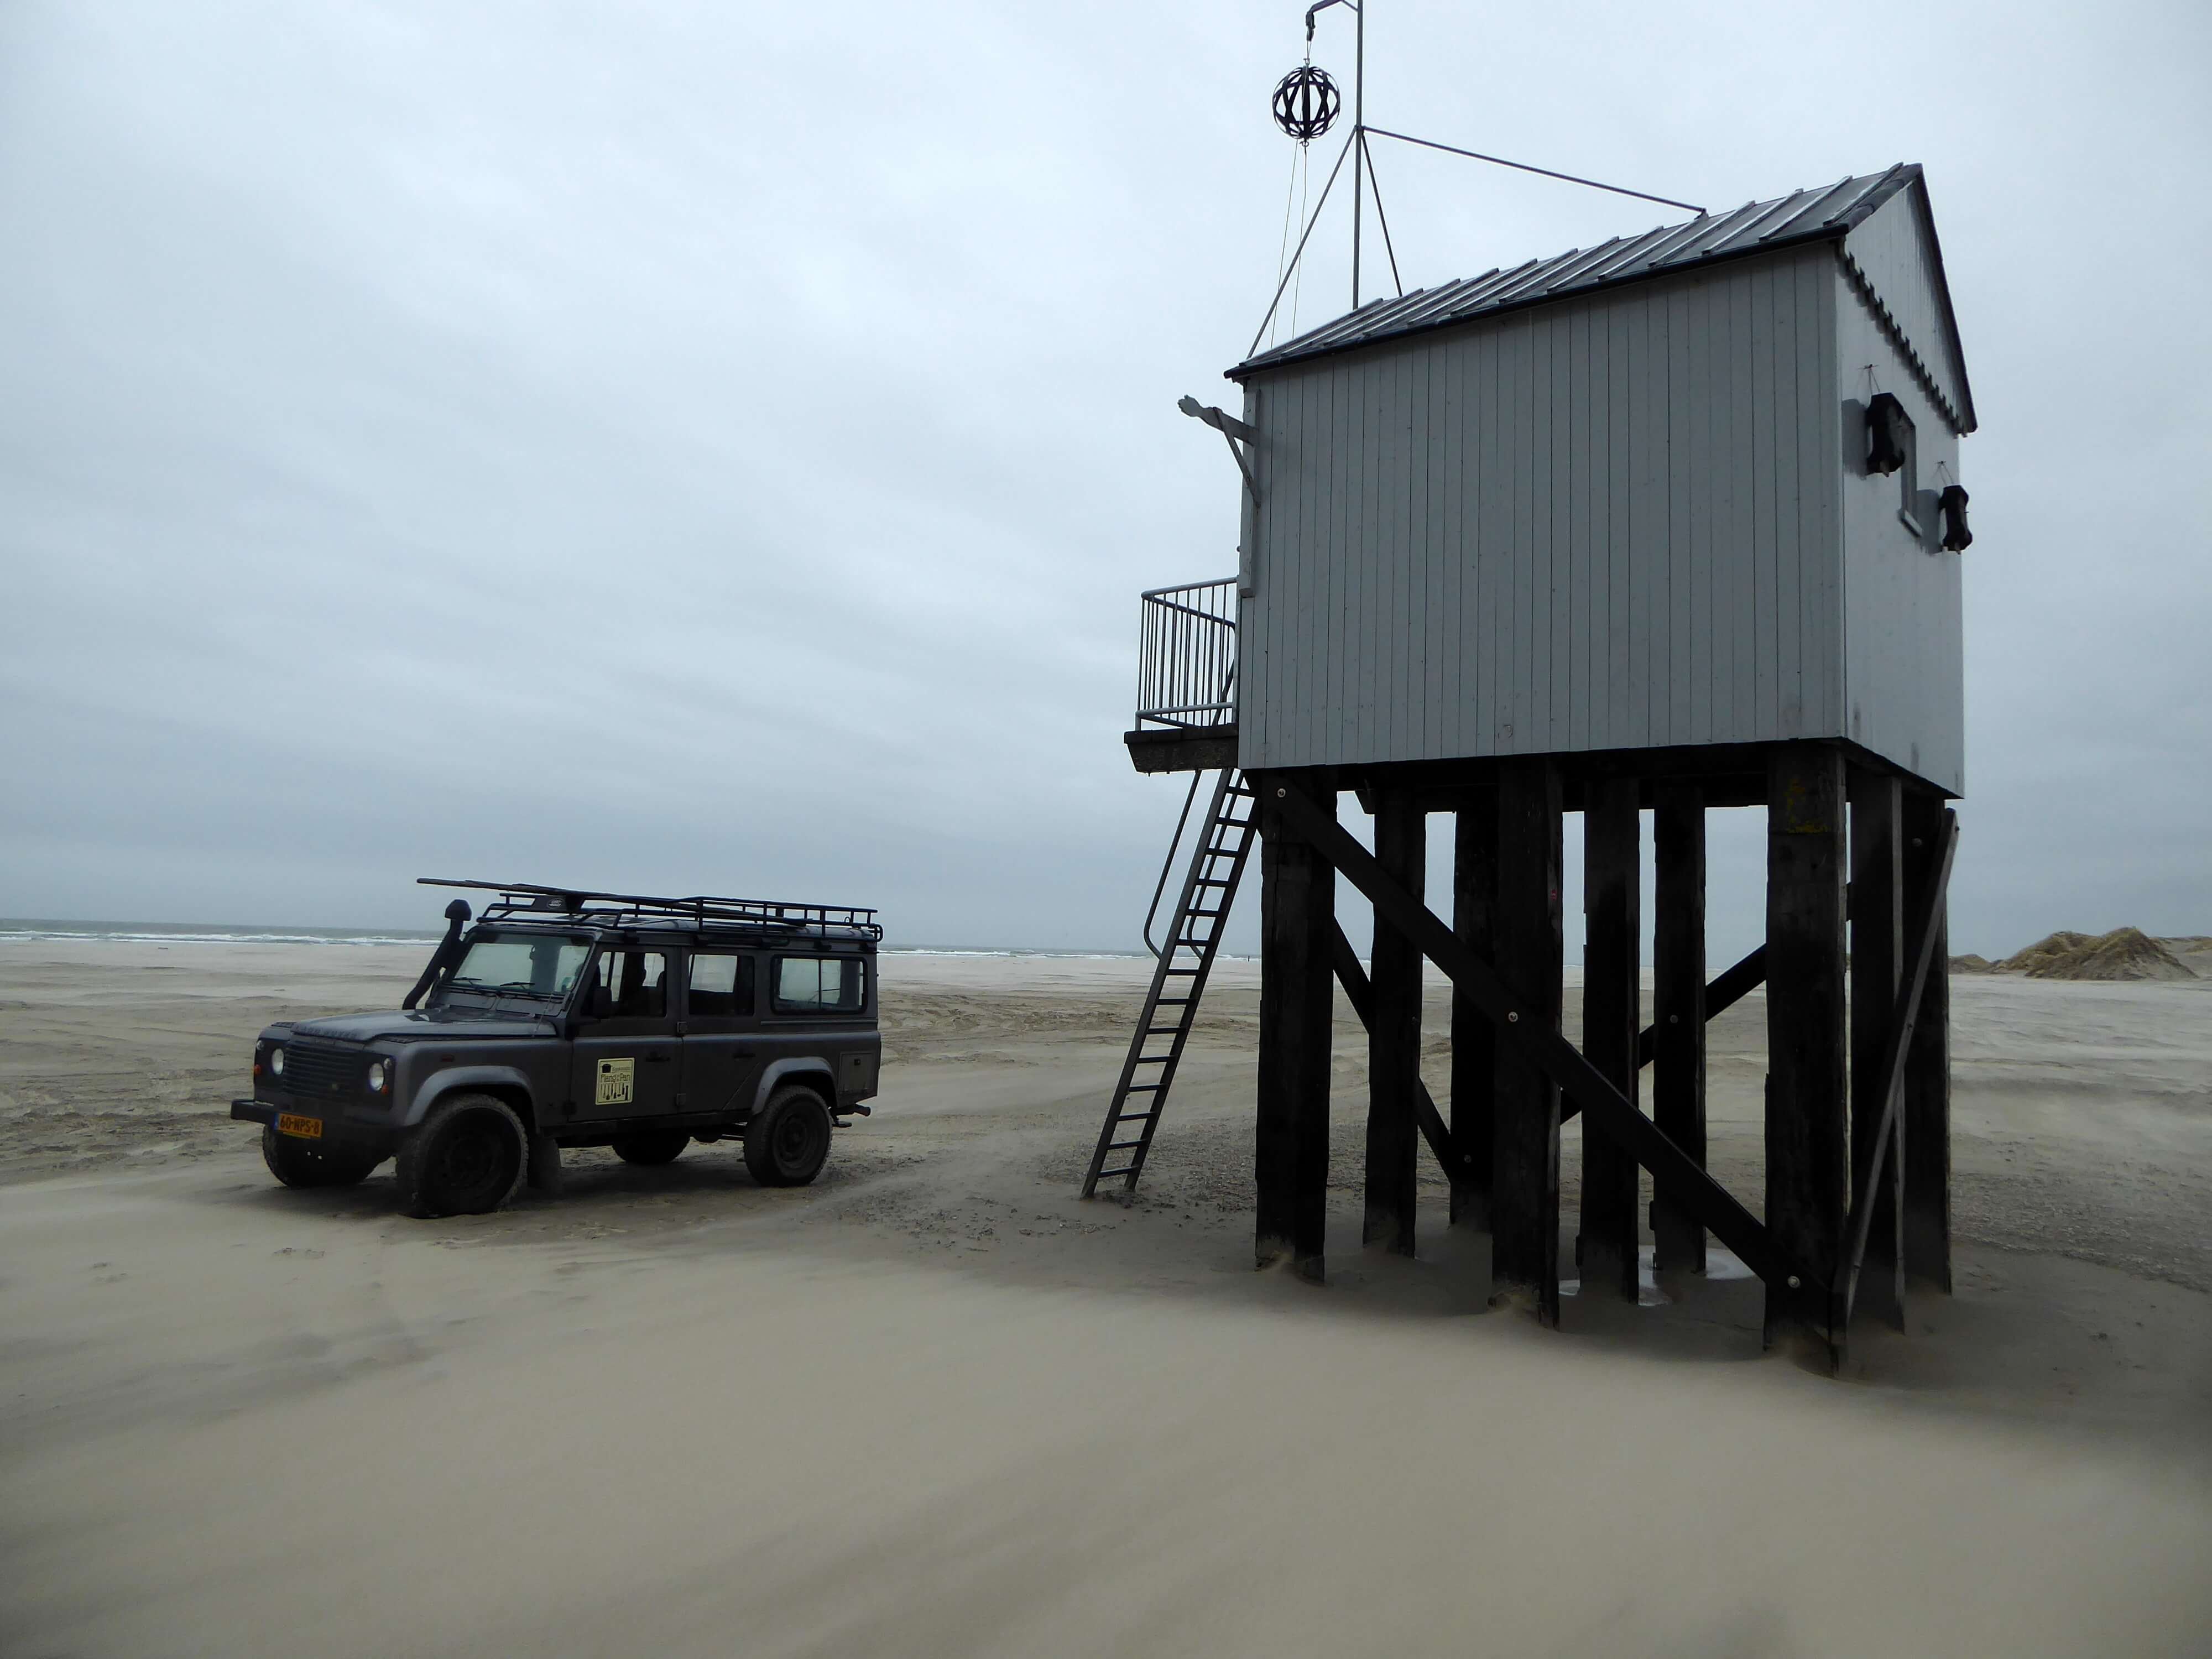 Strandtocht Landrover